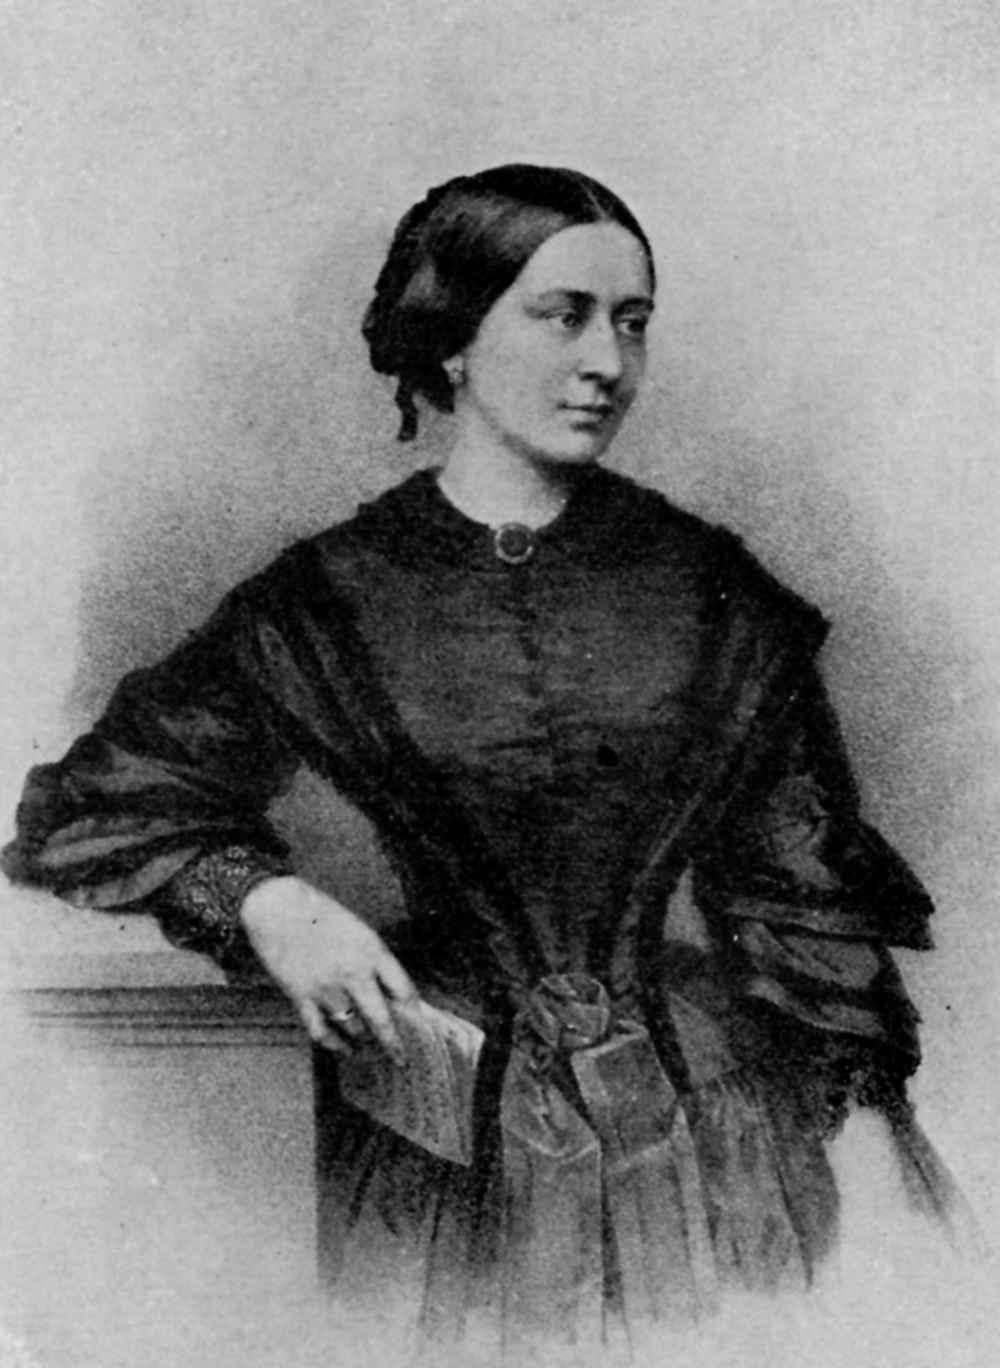 Briefe Von Clara Schumann : Clara schumann ⋼nach einer lithographie von hanfstaengl